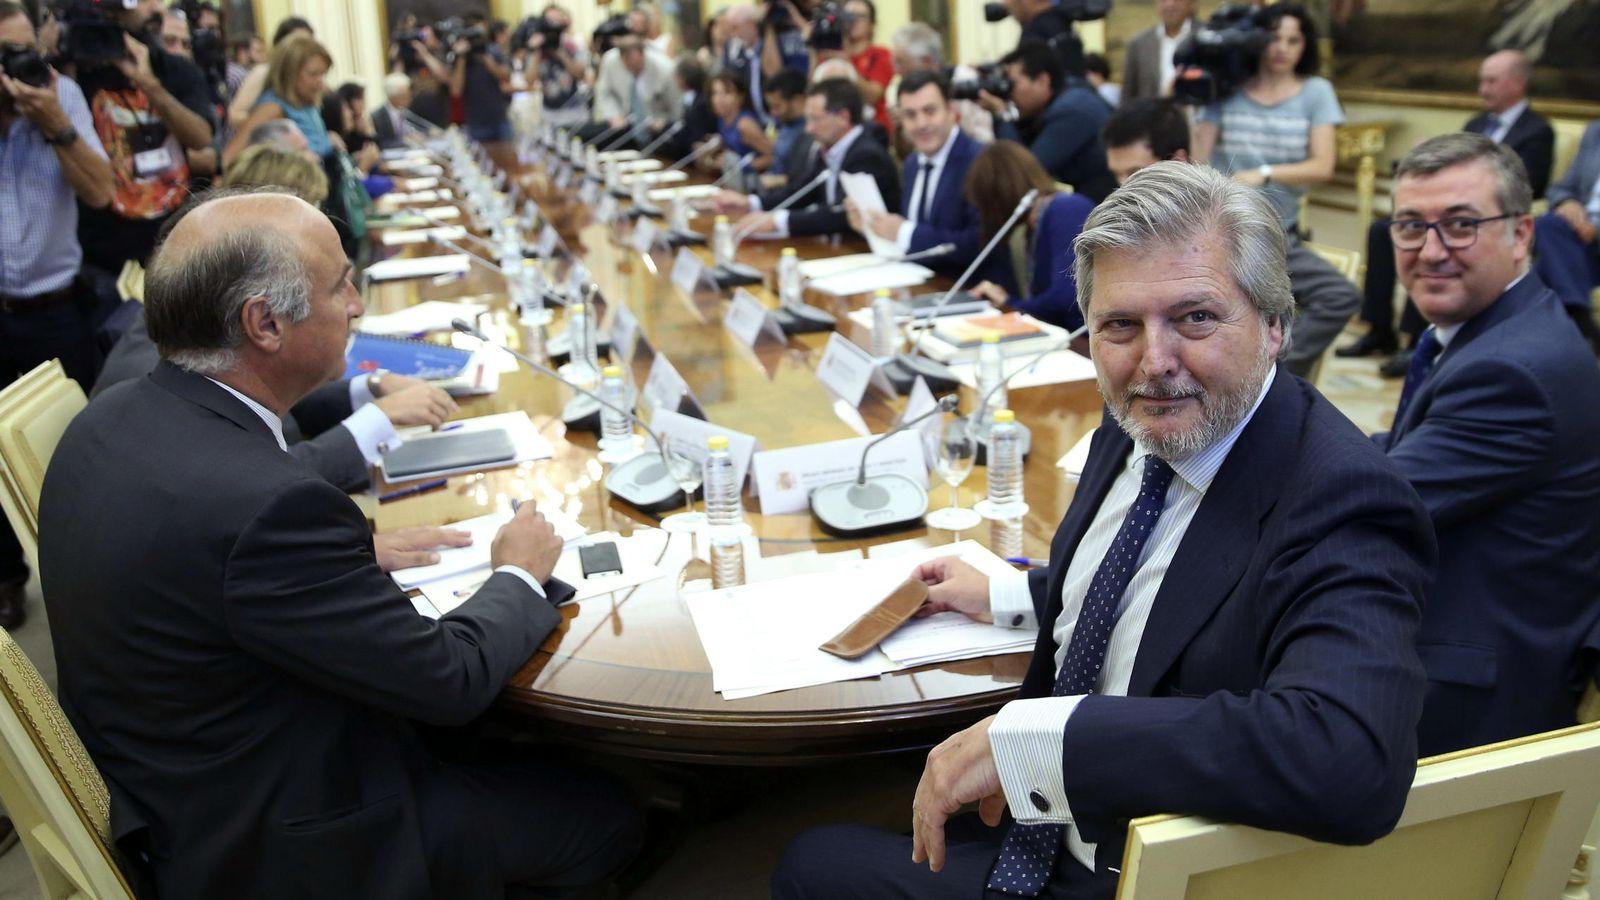 Foto: El ministro de Educación, Íñigo Méndez de Vigo, durante la reunión. (EFE)